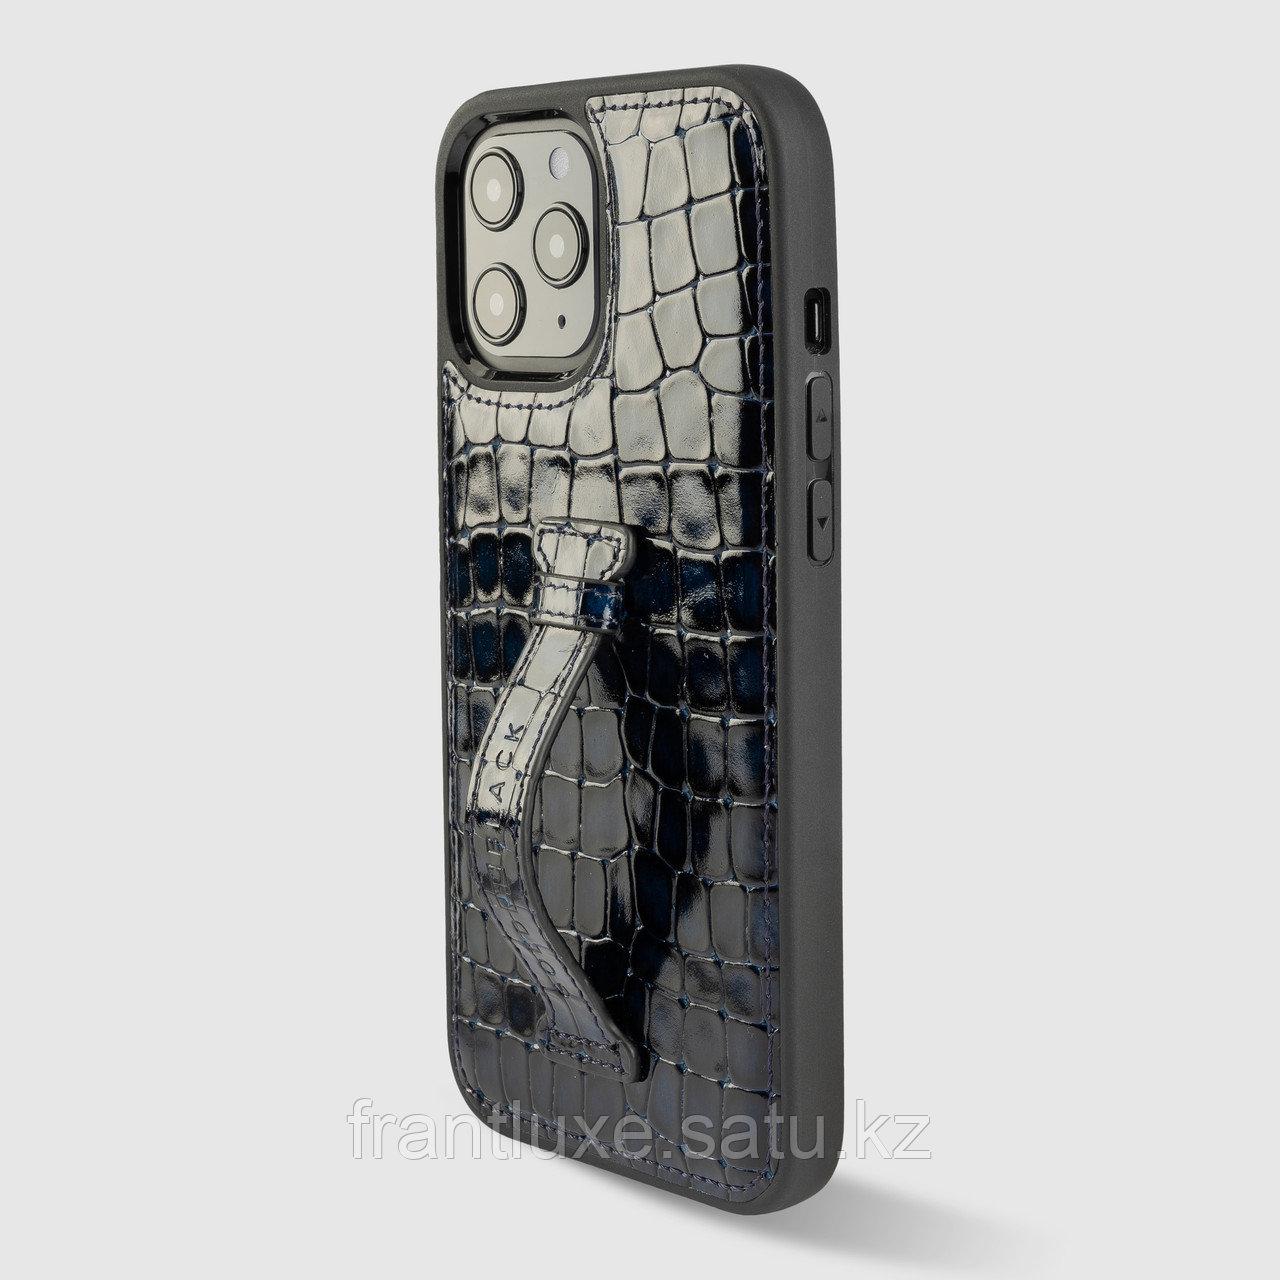 Чехол для телефона iPhone 12 Pro Max с ремешком-держателем синий - фото 1